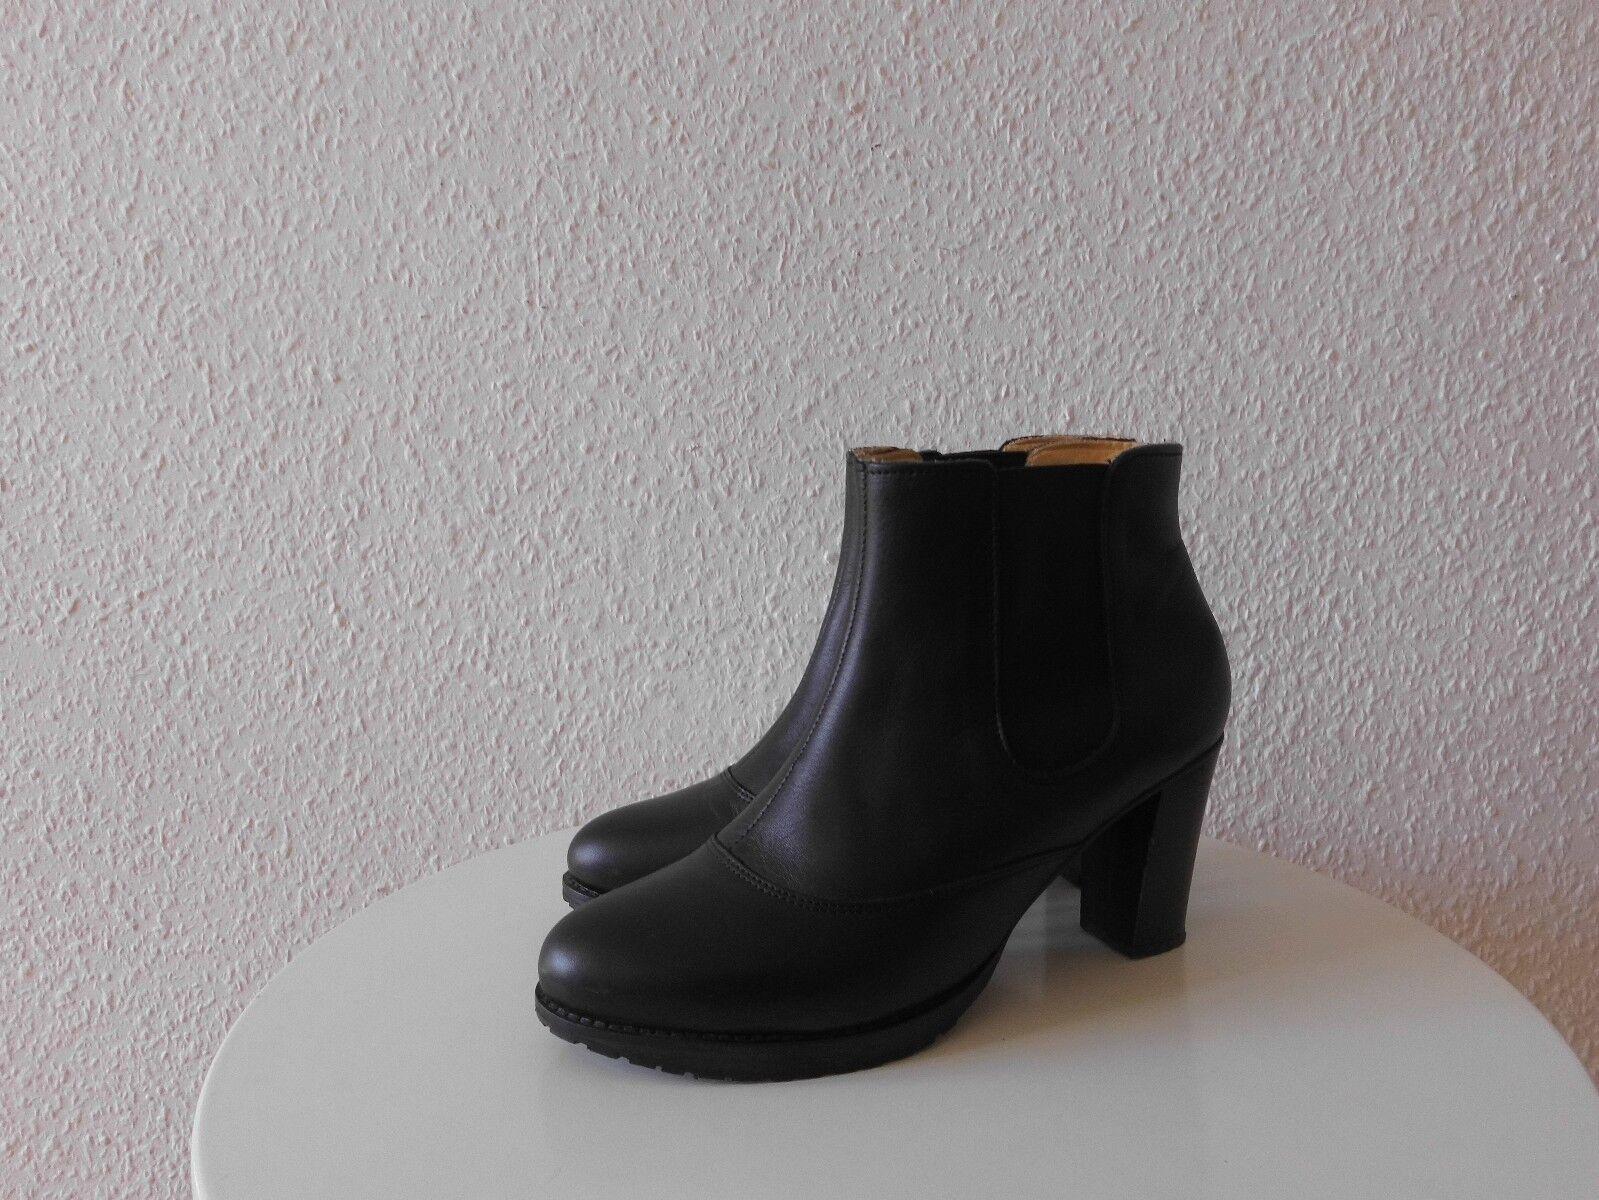 Stiefel Gr.41 Stiefeletten  CAMINHAR  Gr.41 Stiefel TOP Leder 41c97b